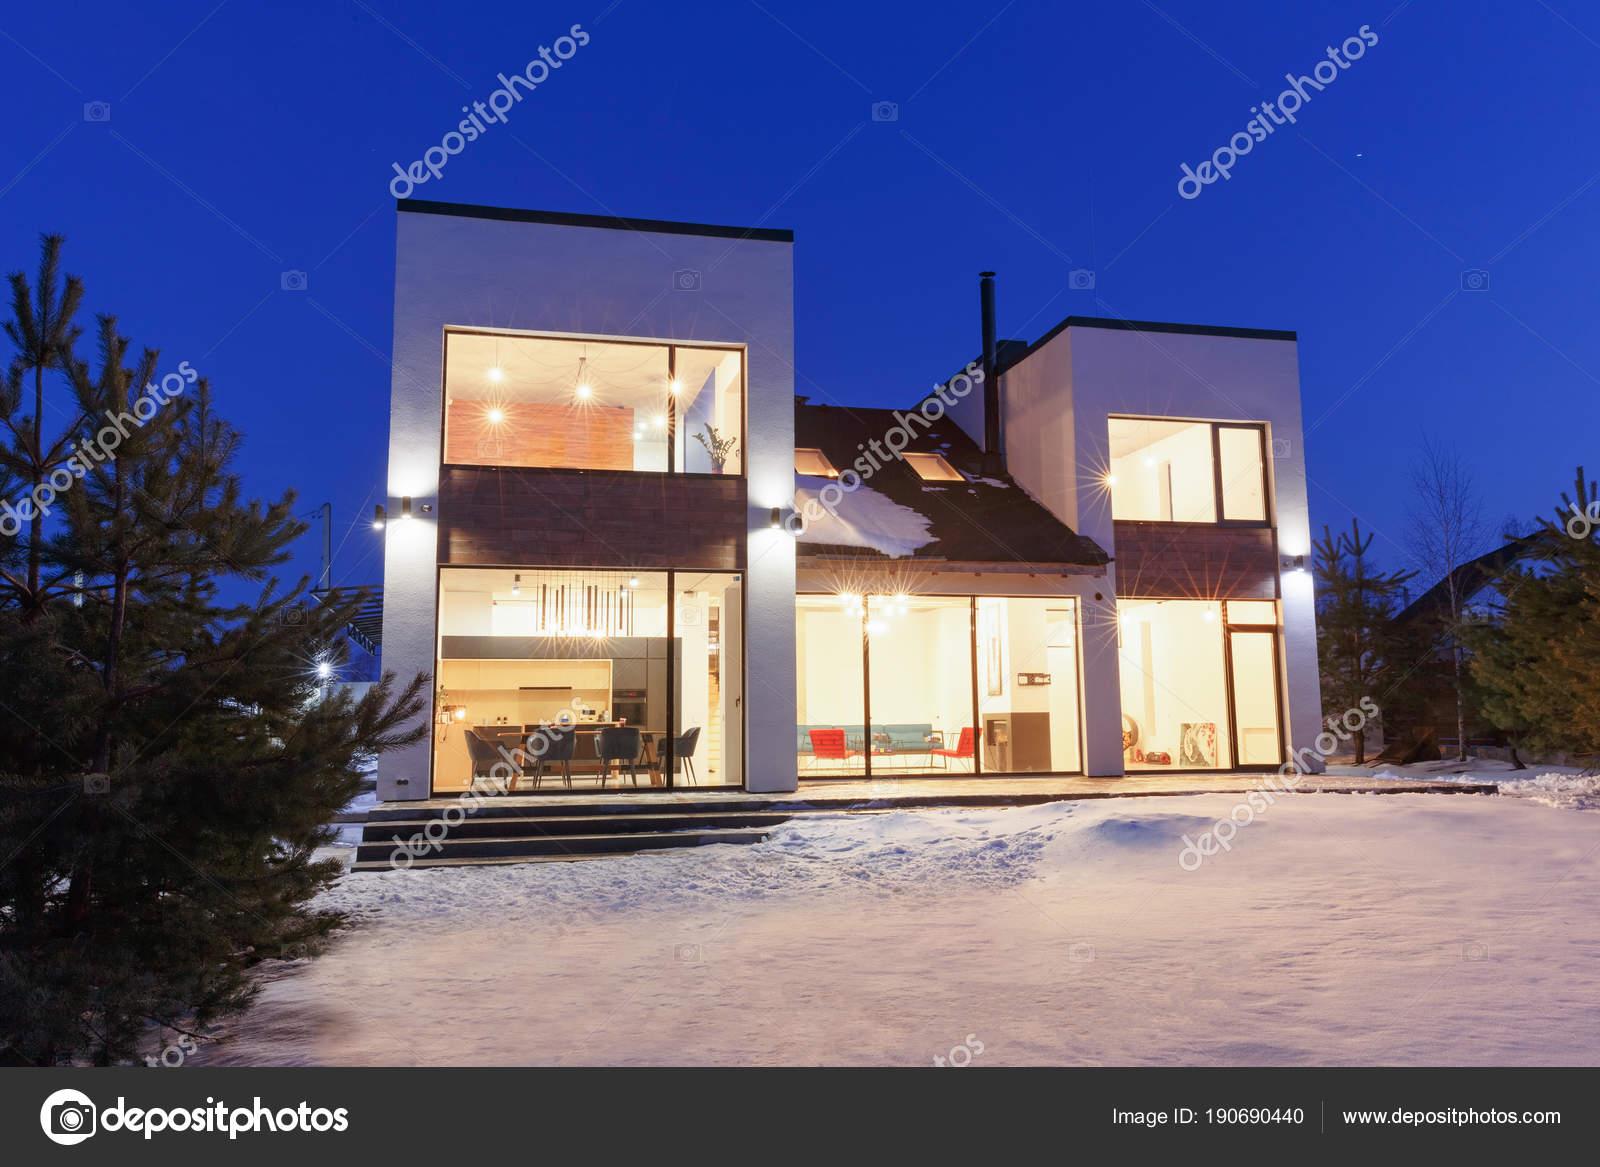 Privé huis met panoramische ramen in een moderne stijl op een rug